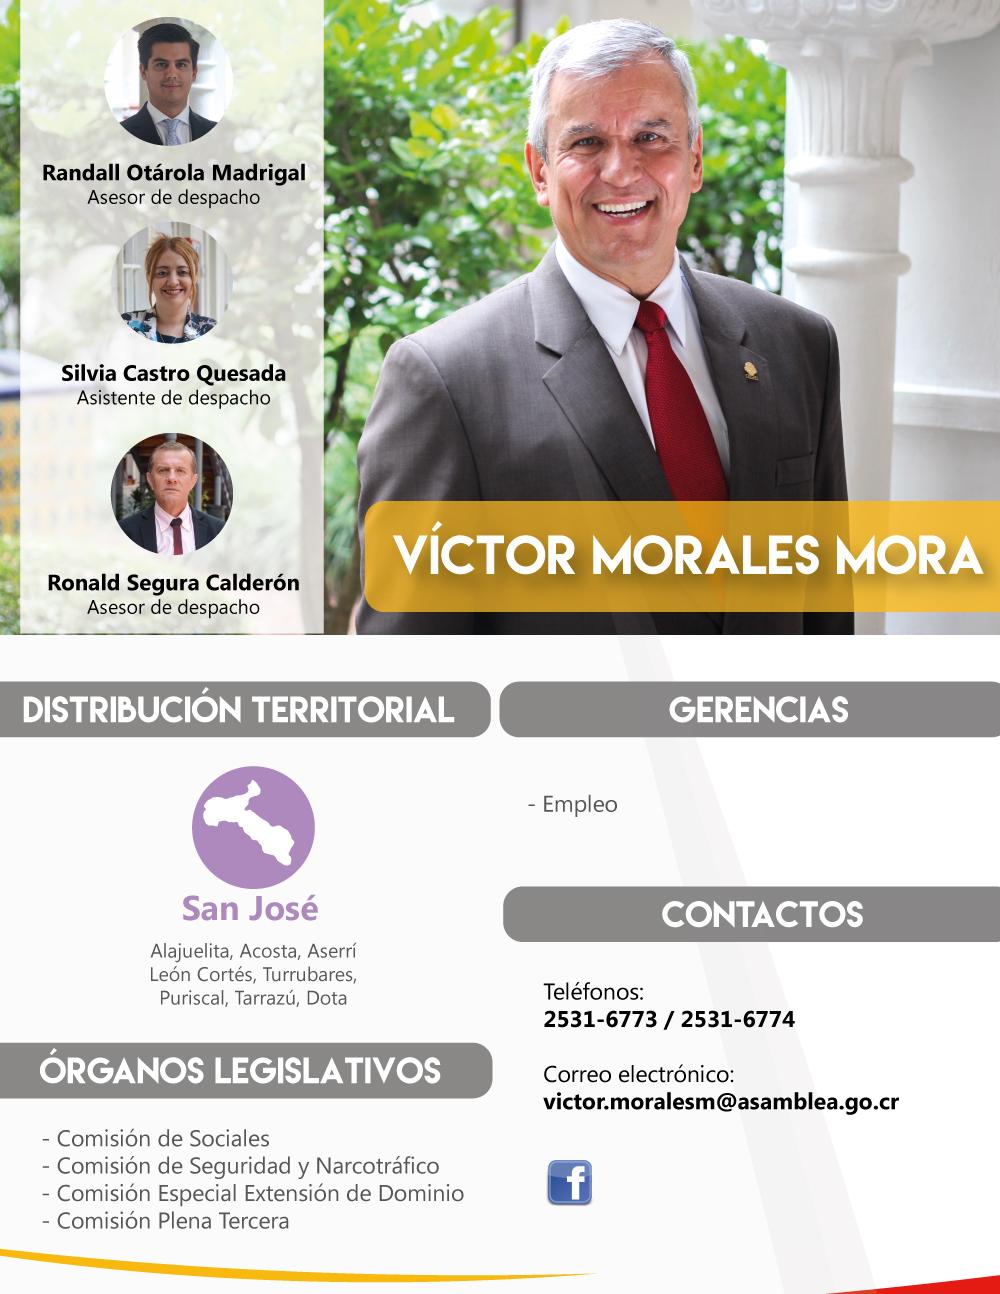 Despacho-V+¡ctor-Morales-Mora